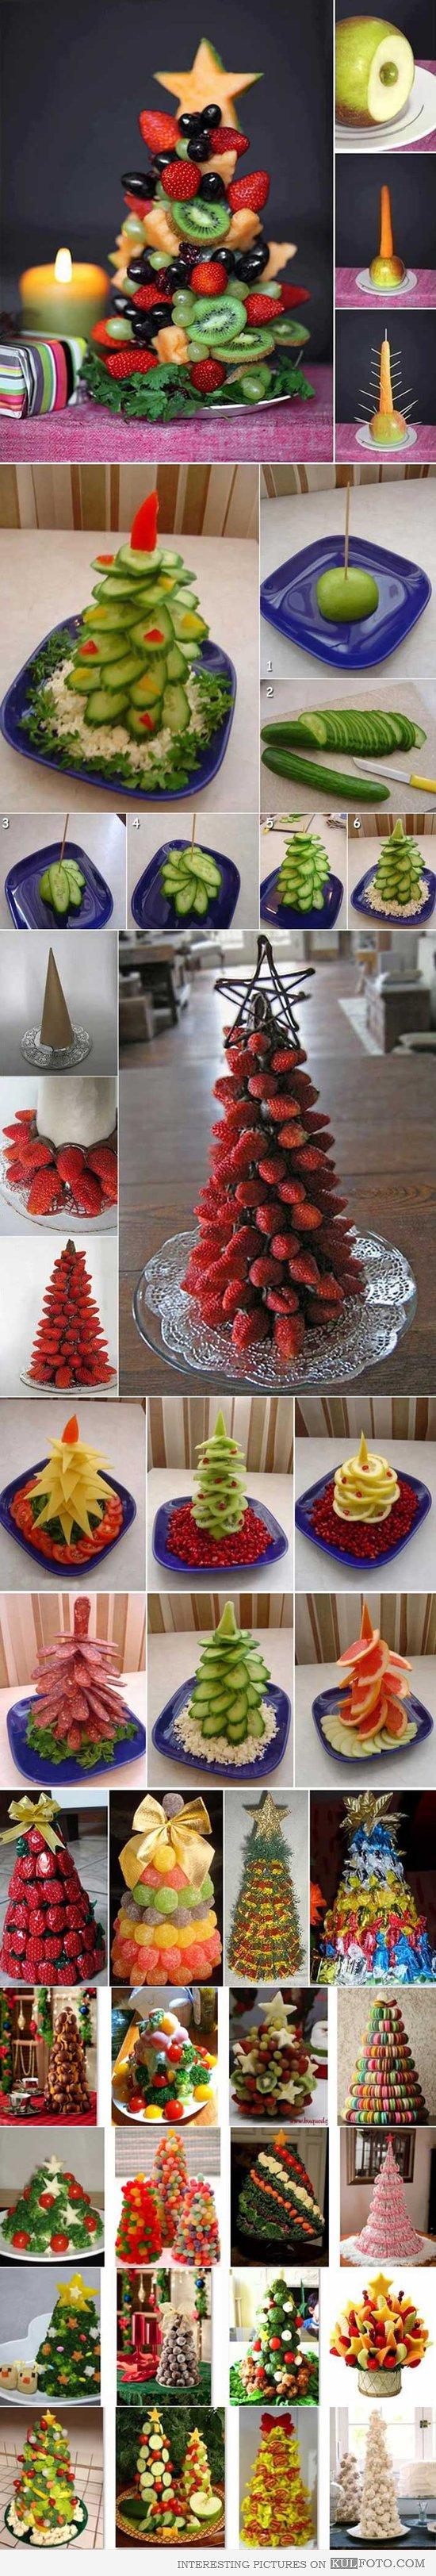 Food Christmas trees